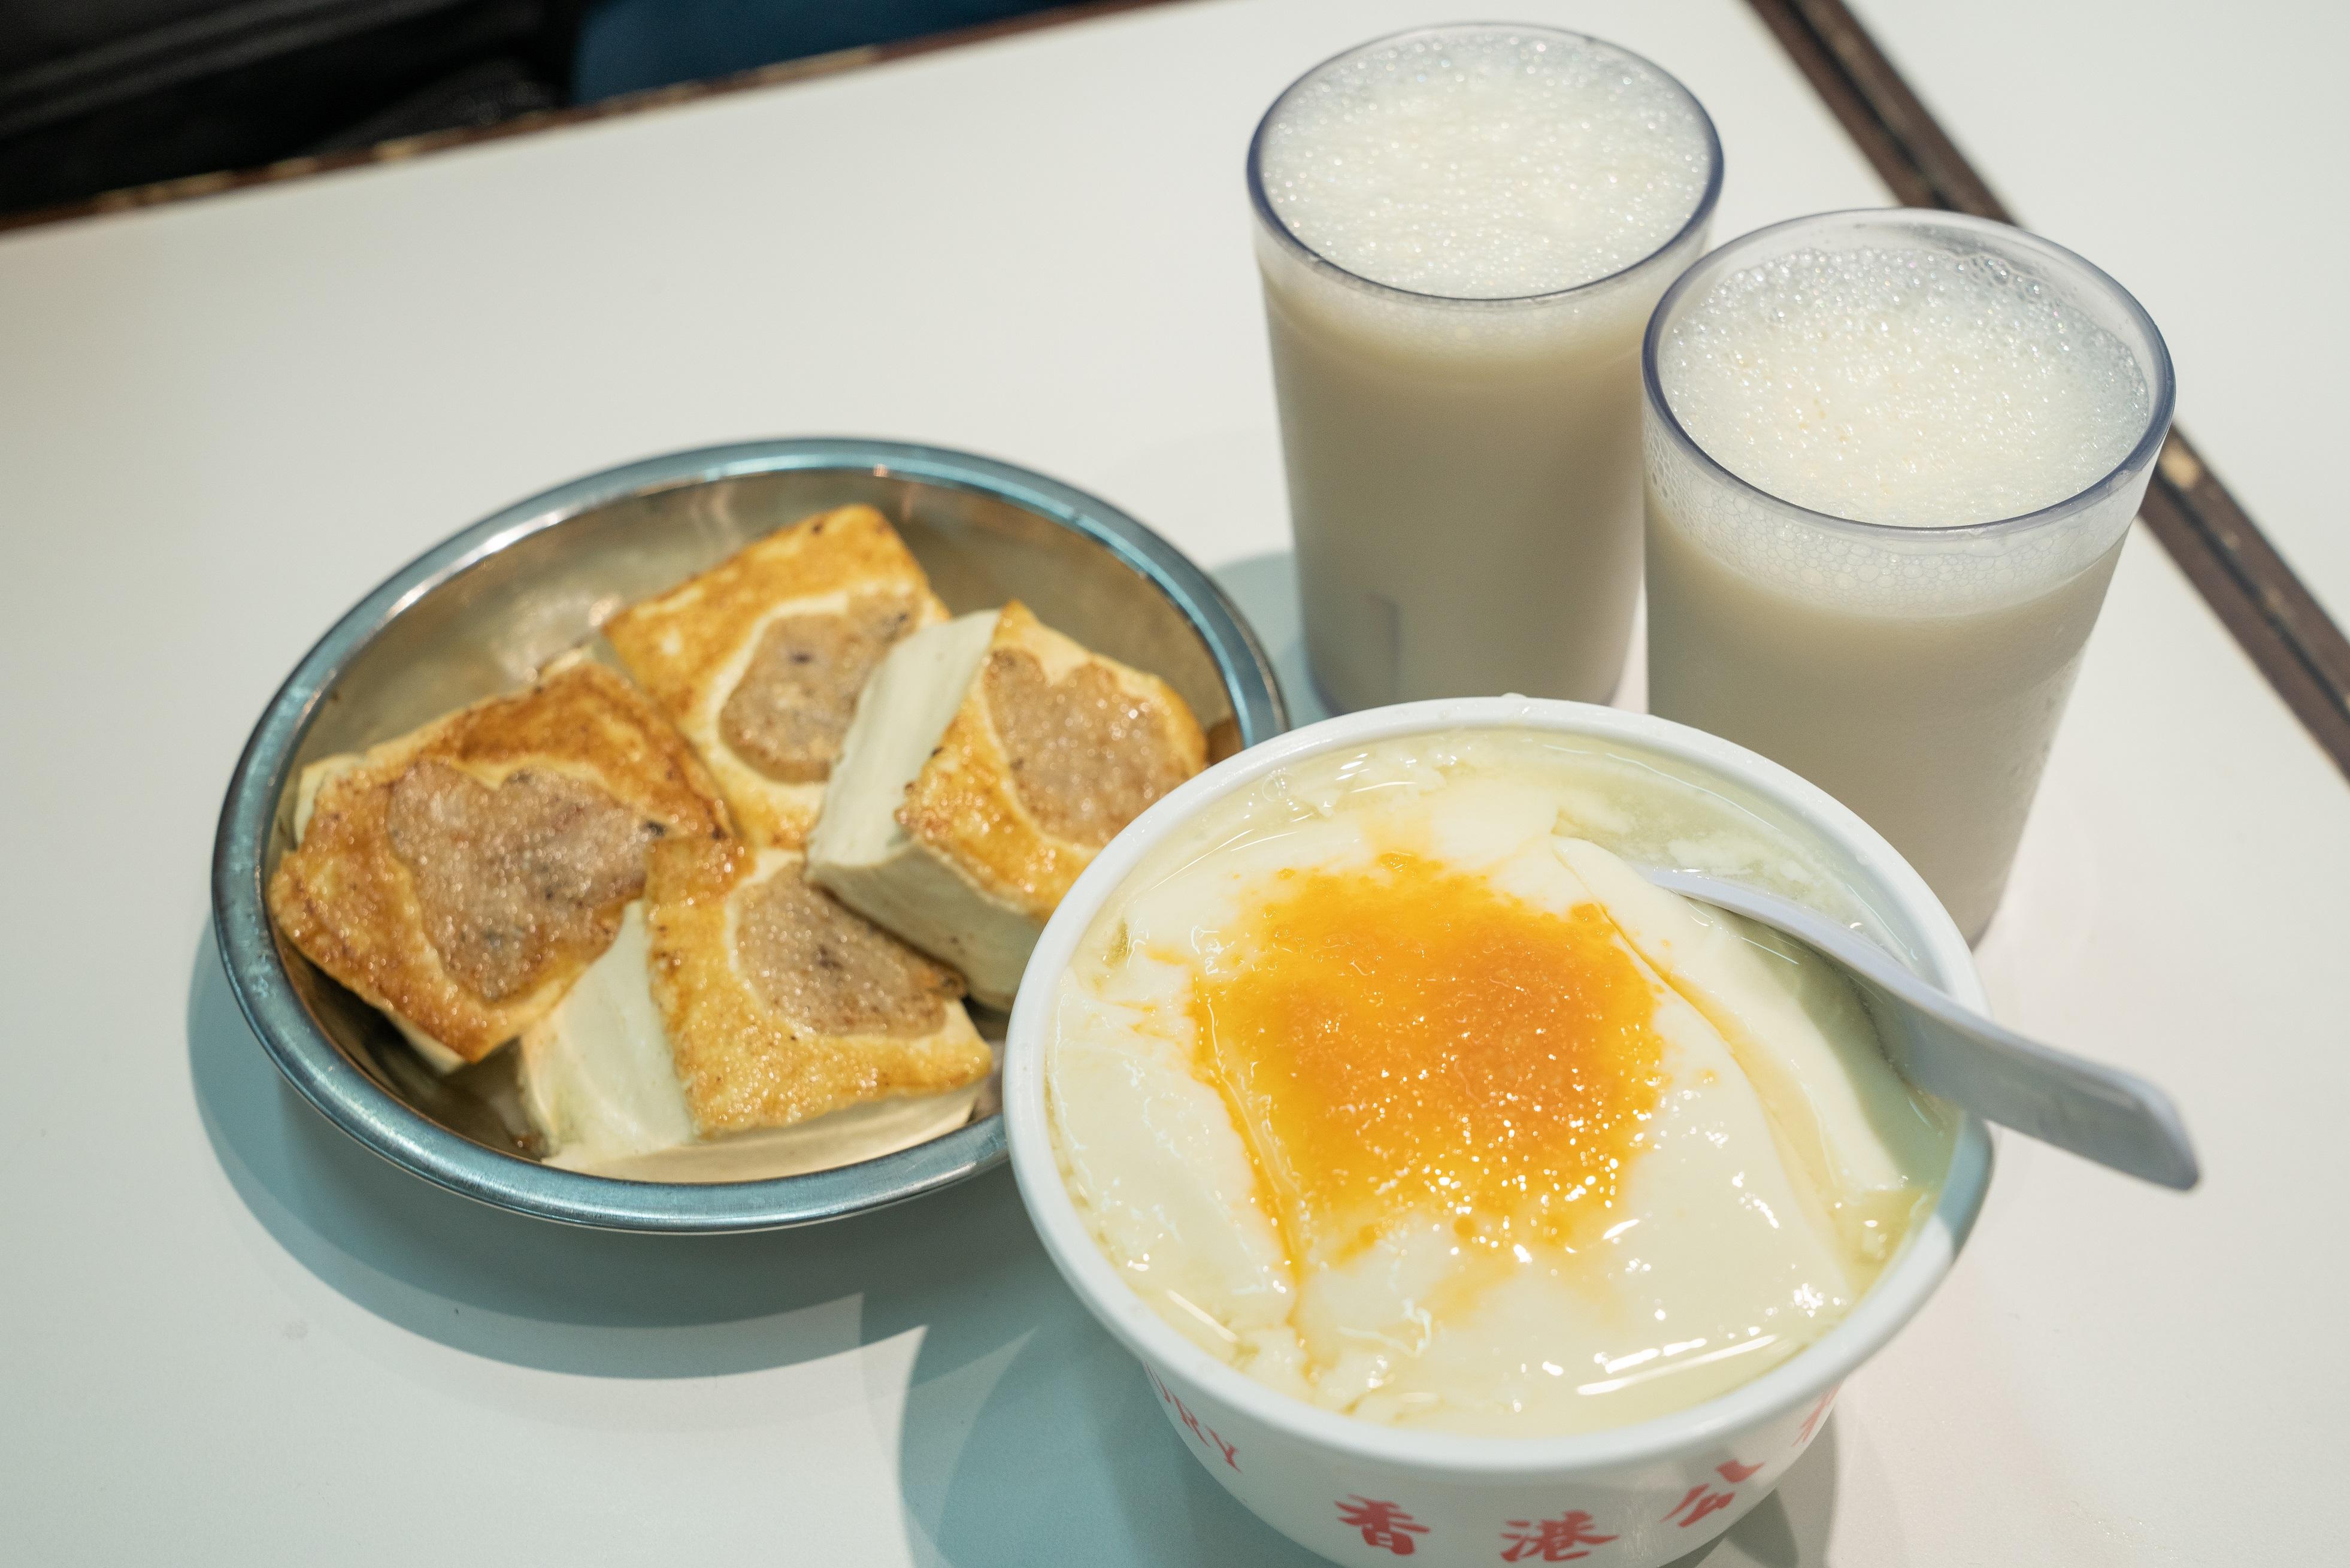 유명 셀럽과 방송을 통해 검증된 홍콩 맛집 10